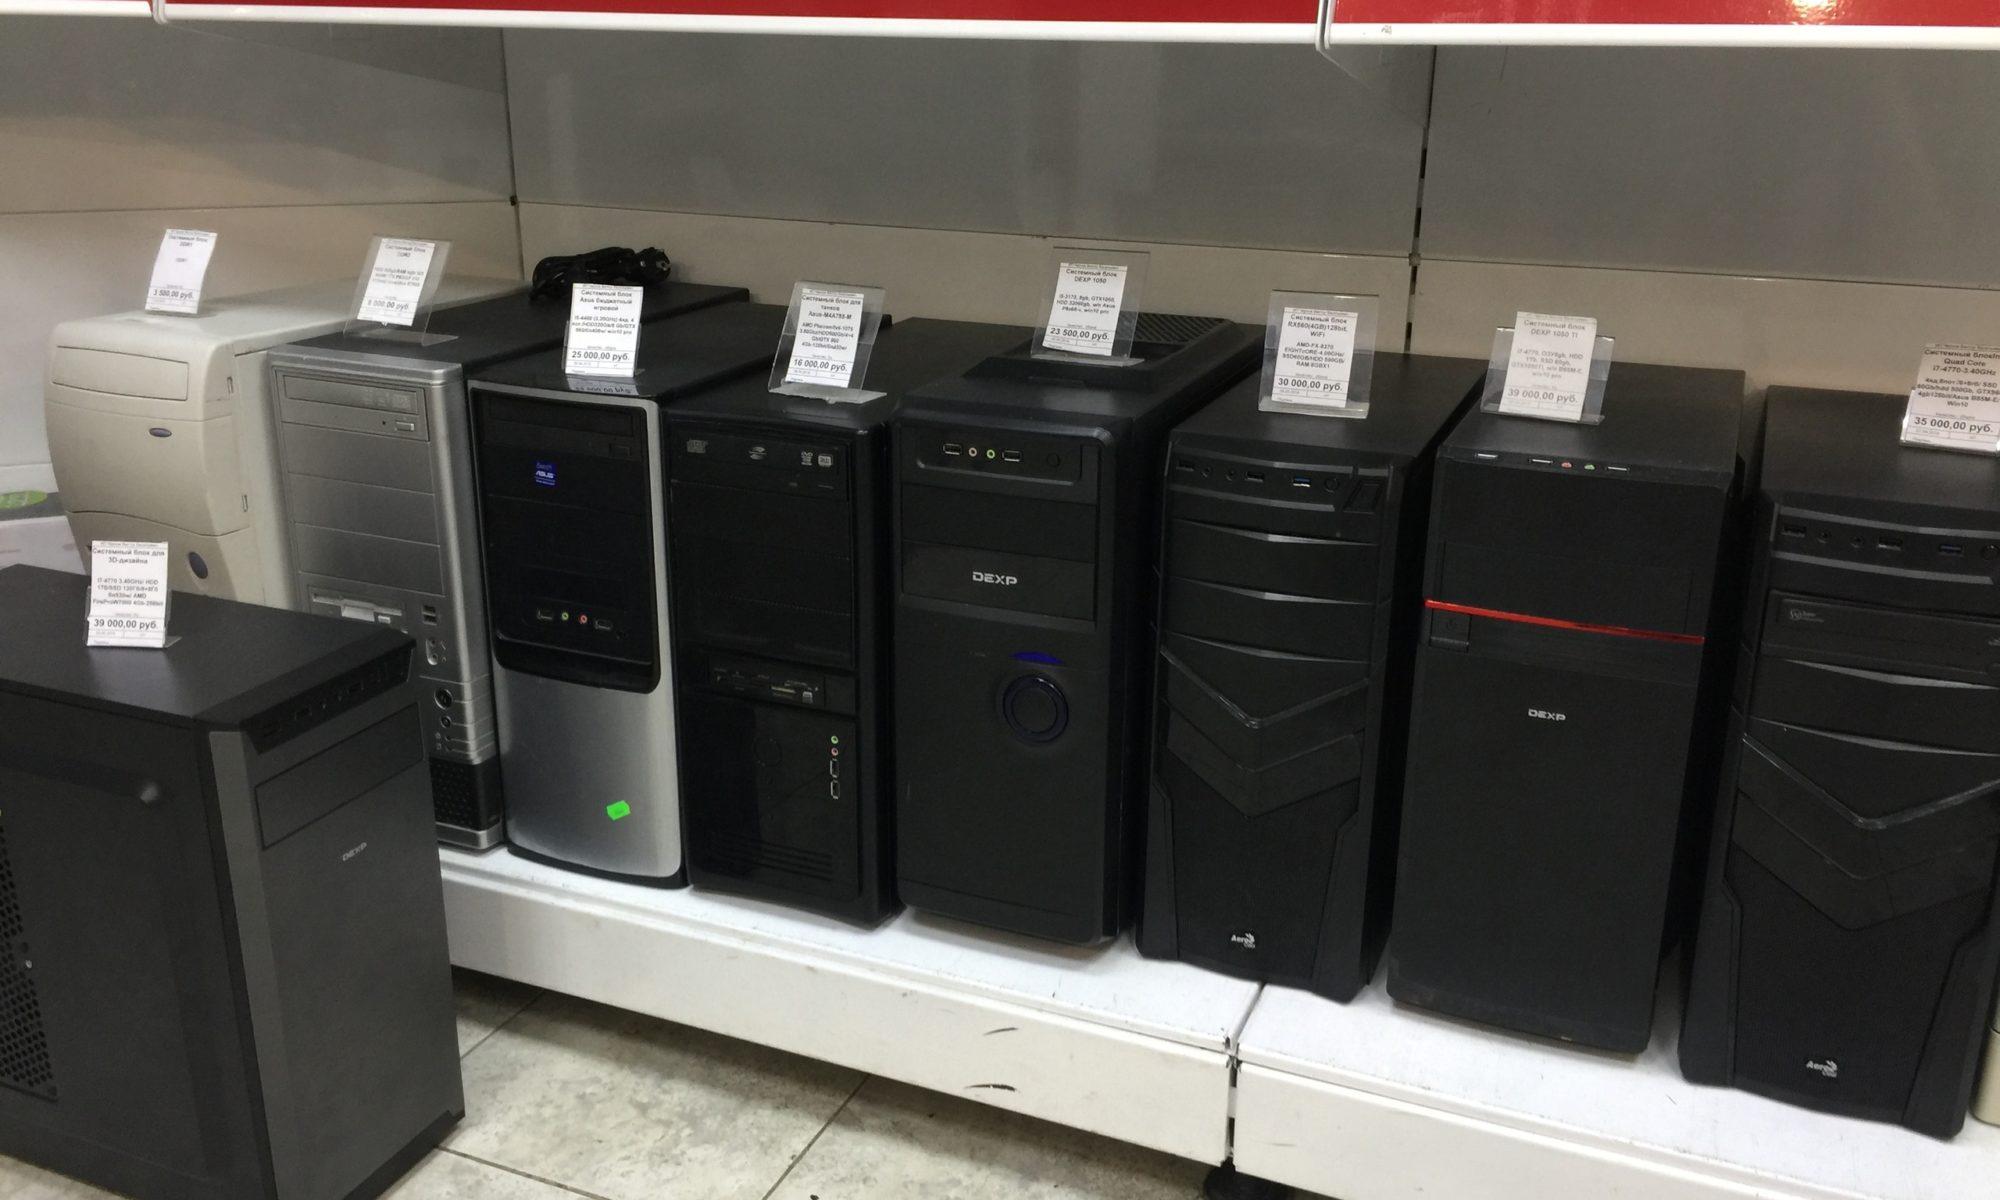 купить ноутбук телефон компьютер